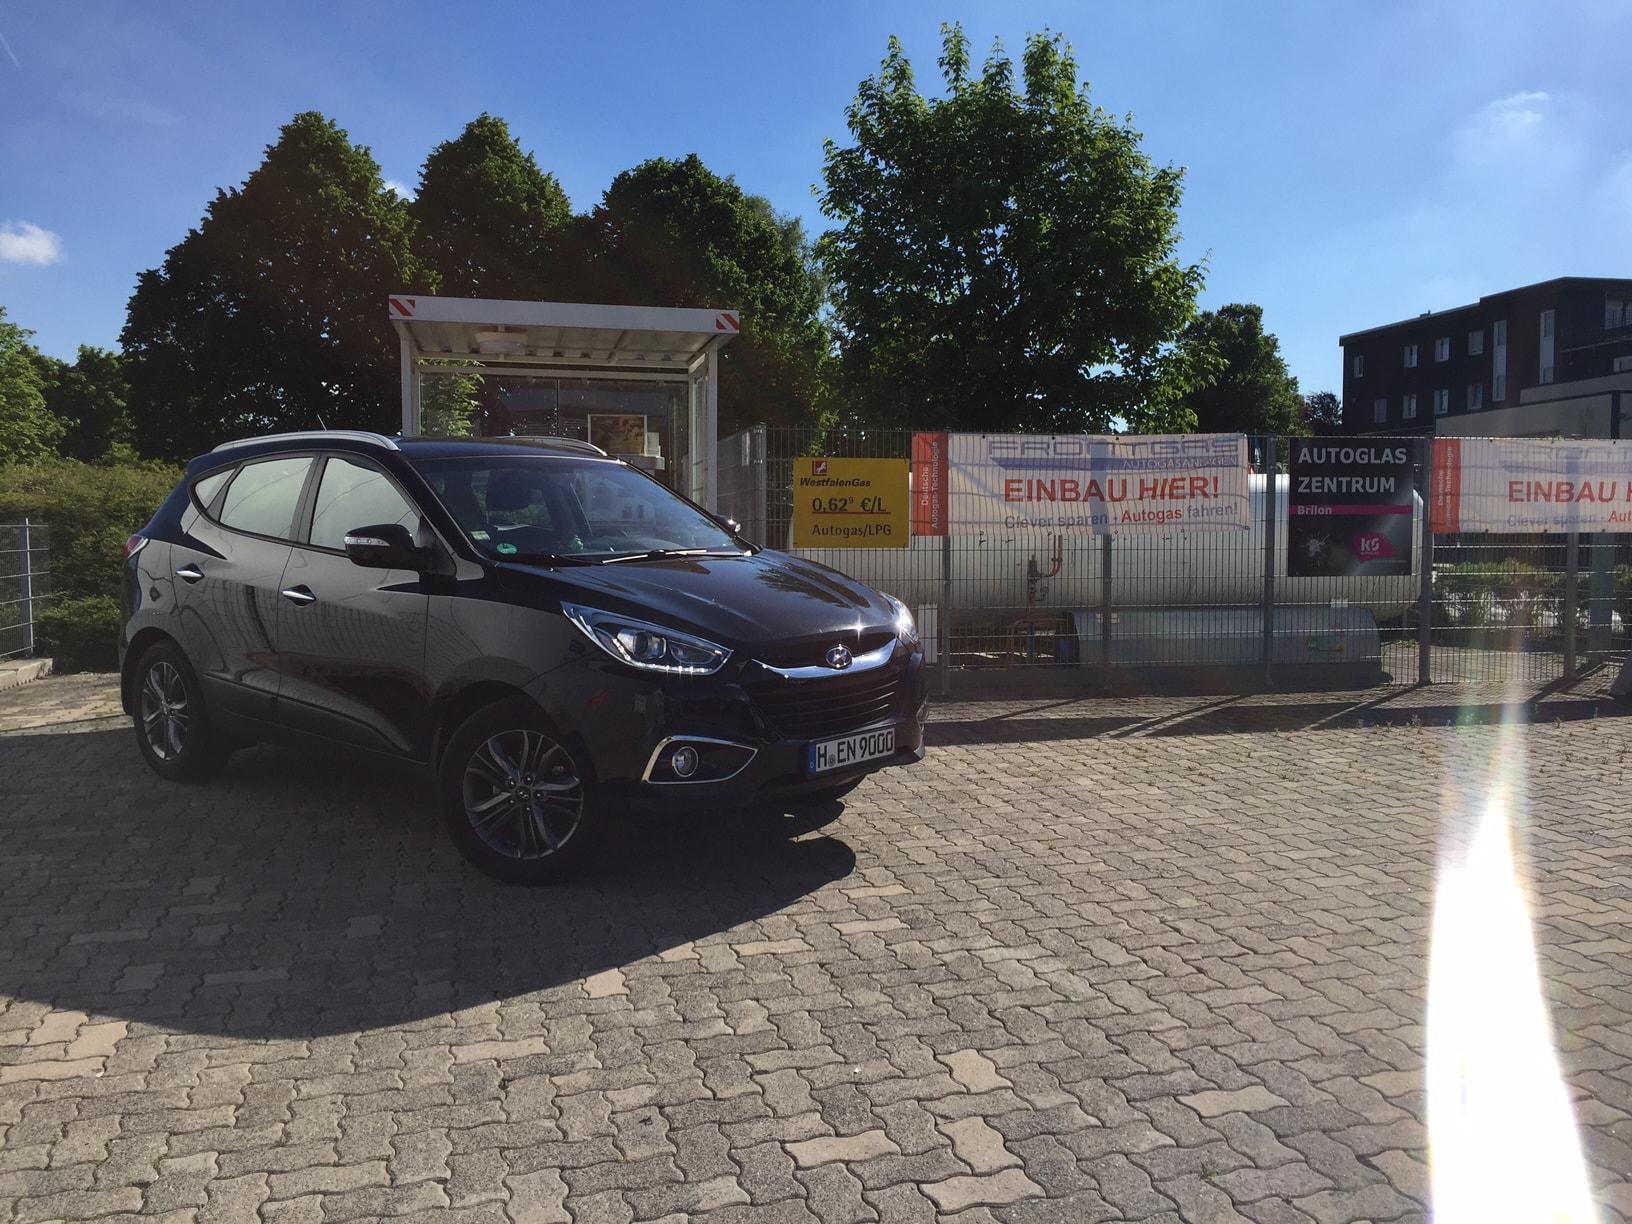 Autogas_R115-Umrüstung-auf-LPG-Autogas_Hyundai-IX35-2,0GDI-Direkteinspritzer-Titelbild